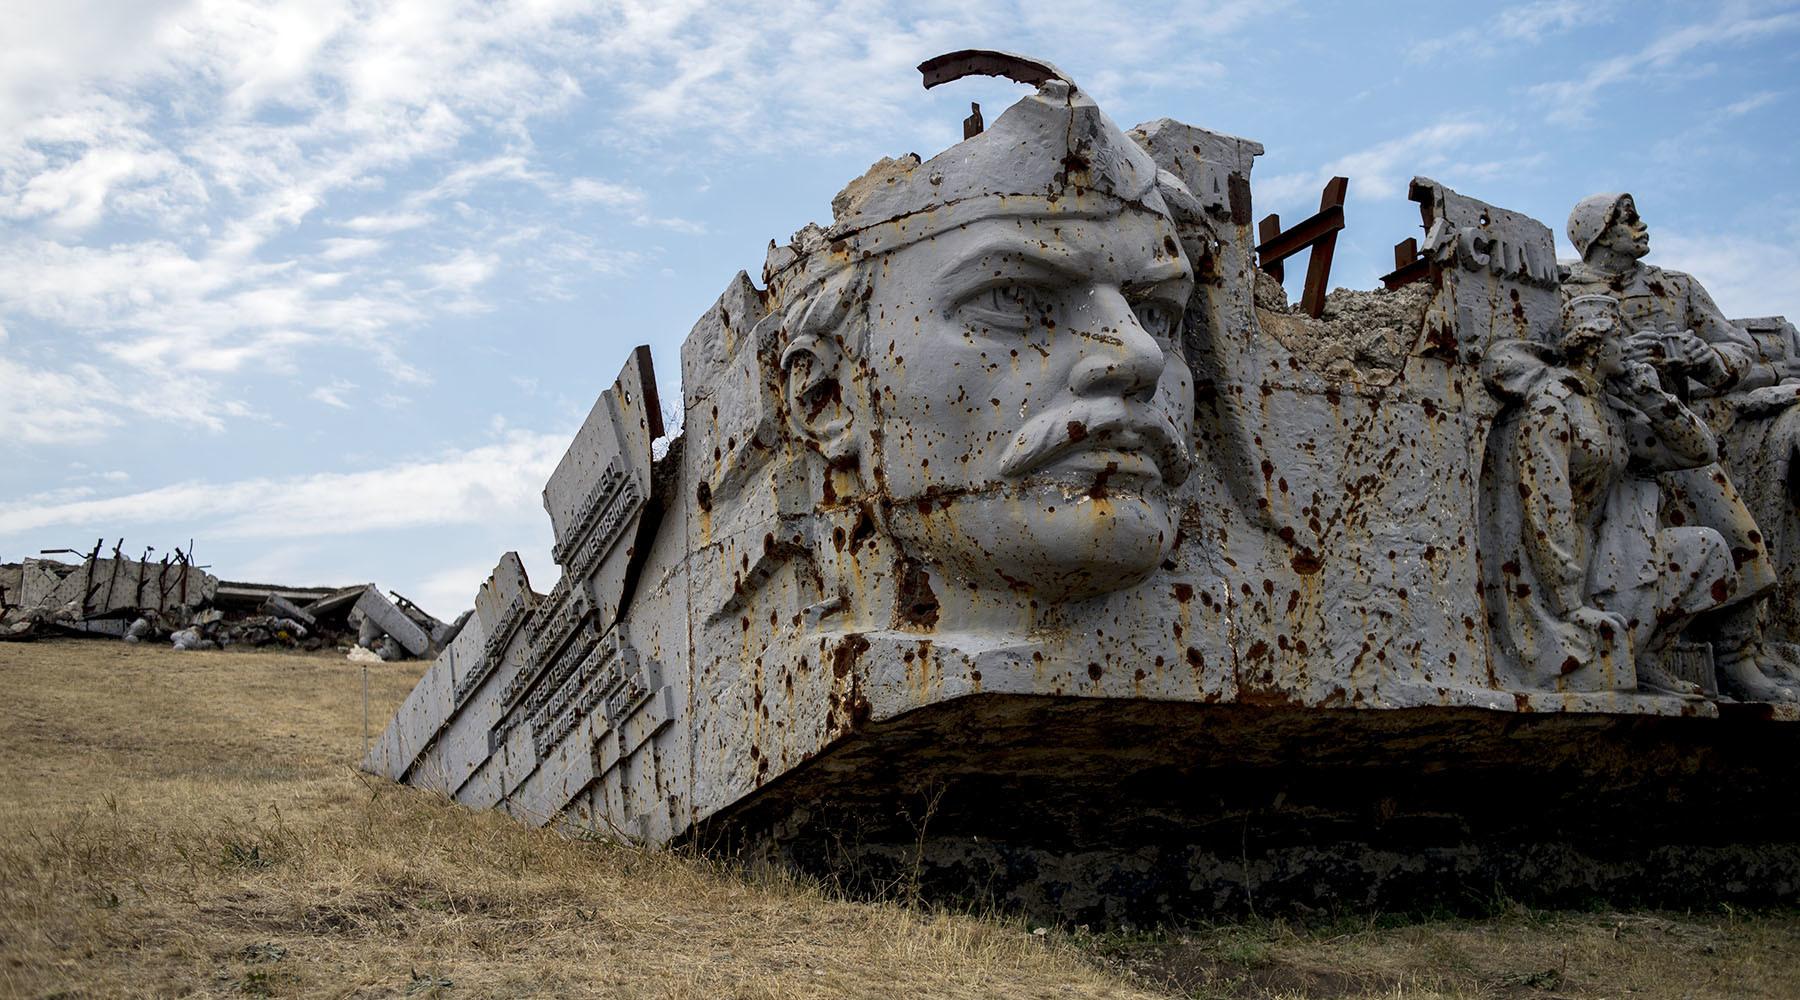 Разрушенные части Саур-Могилы могут поместить в стеклянные саркофаги - Наумец